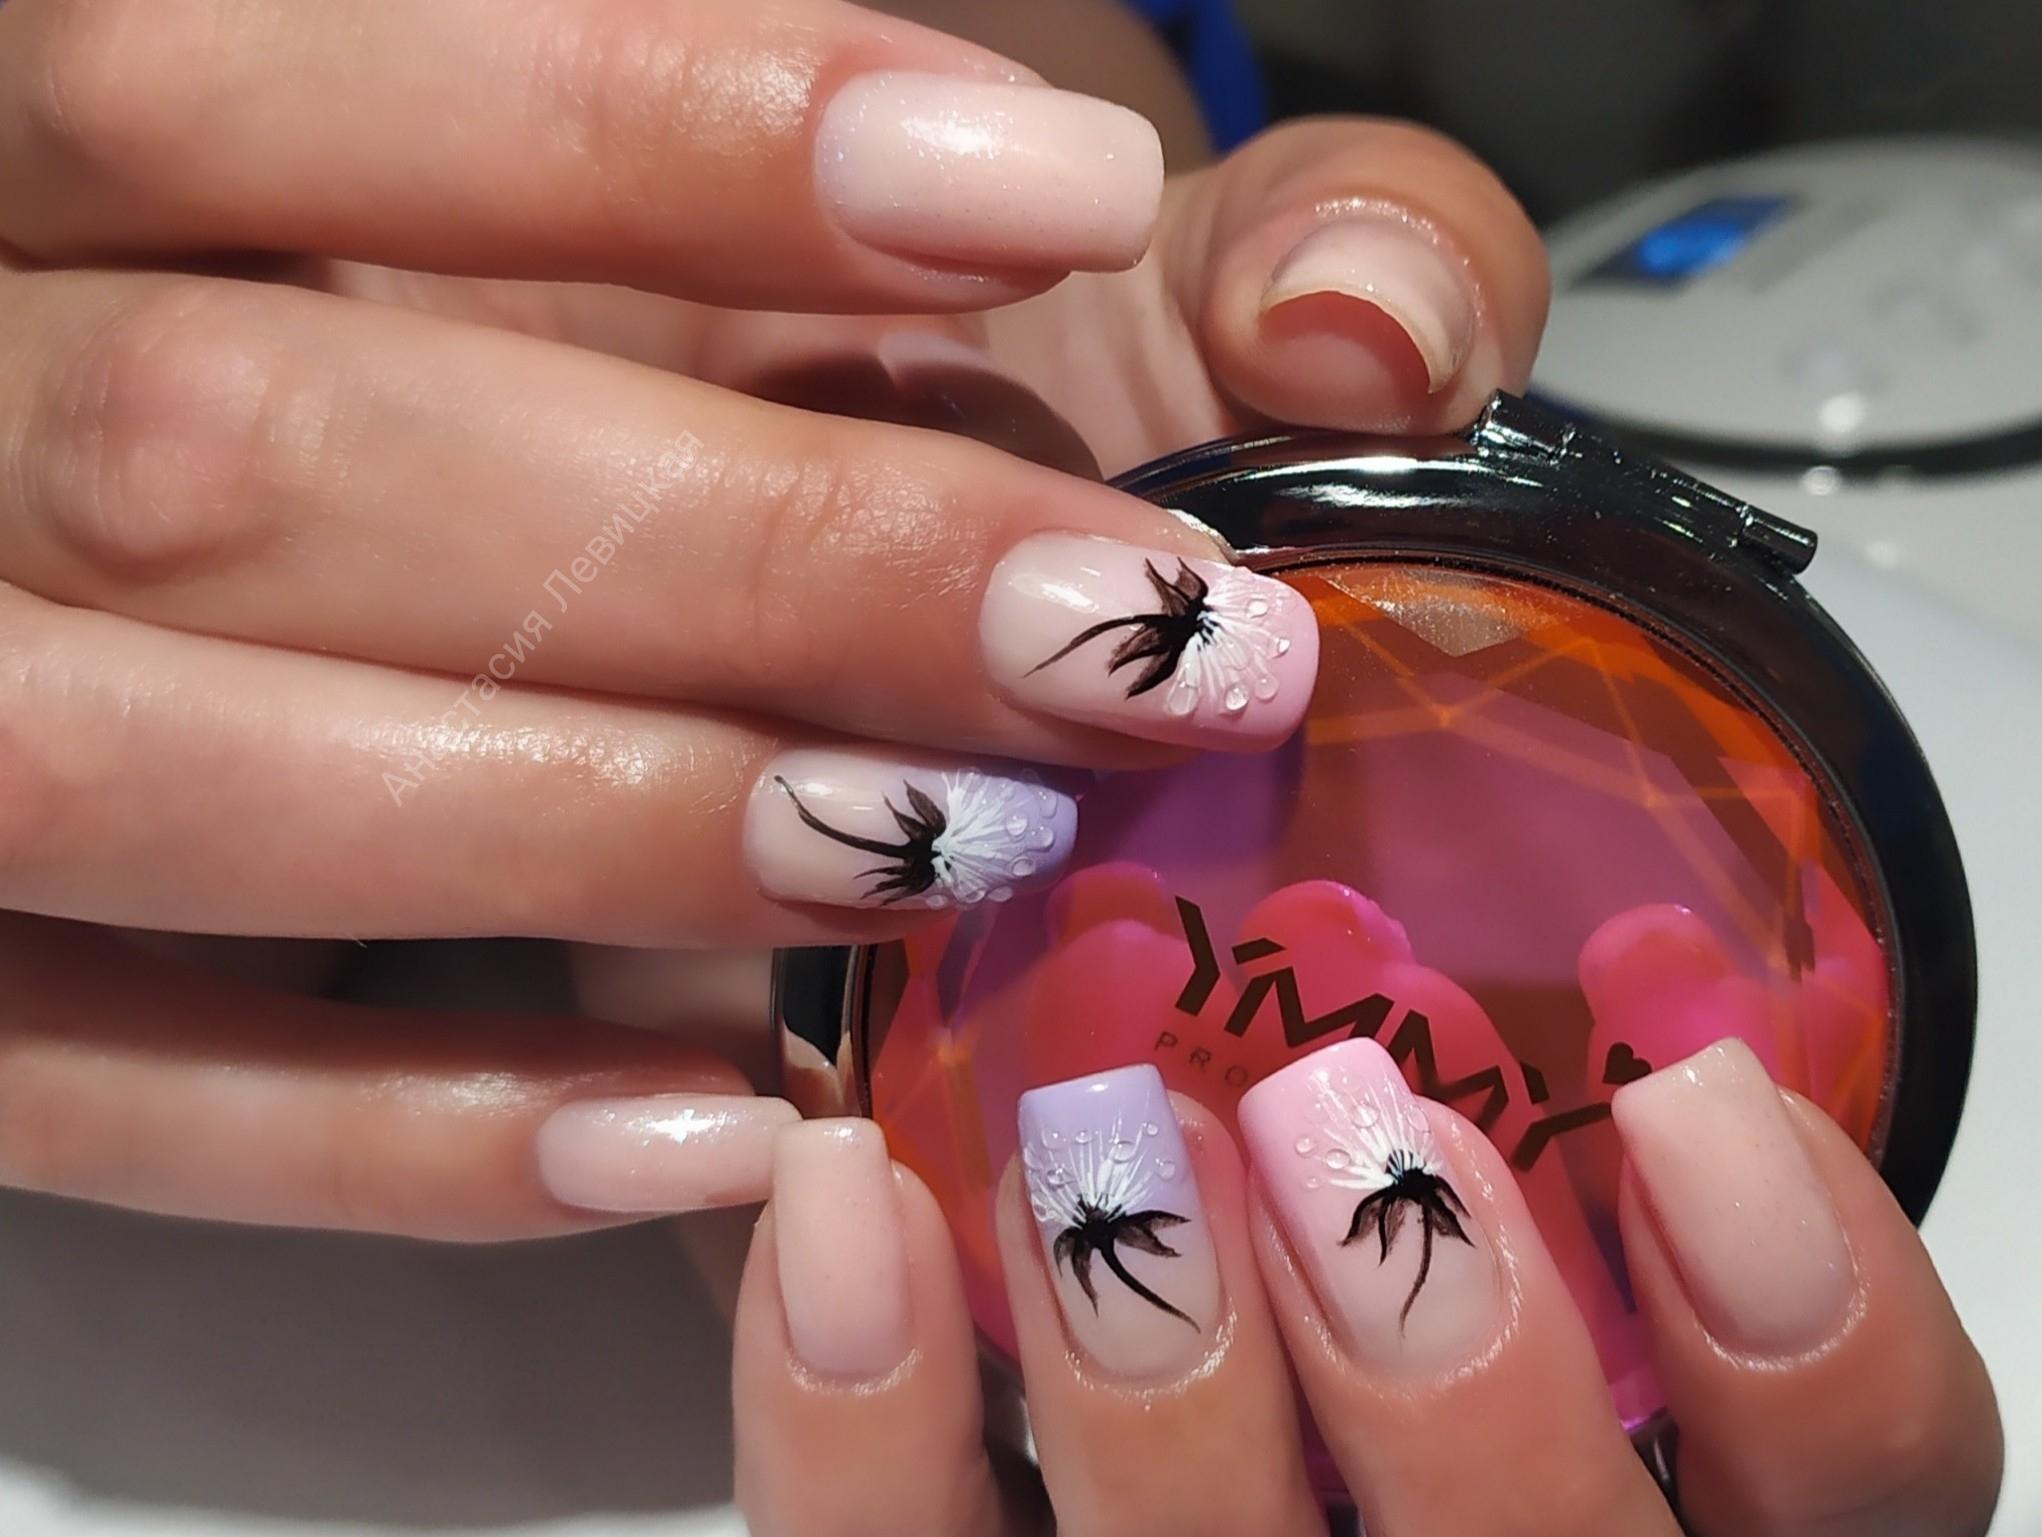 Маникюр с одуванчиком в бежевом цвете на длинные ногти.